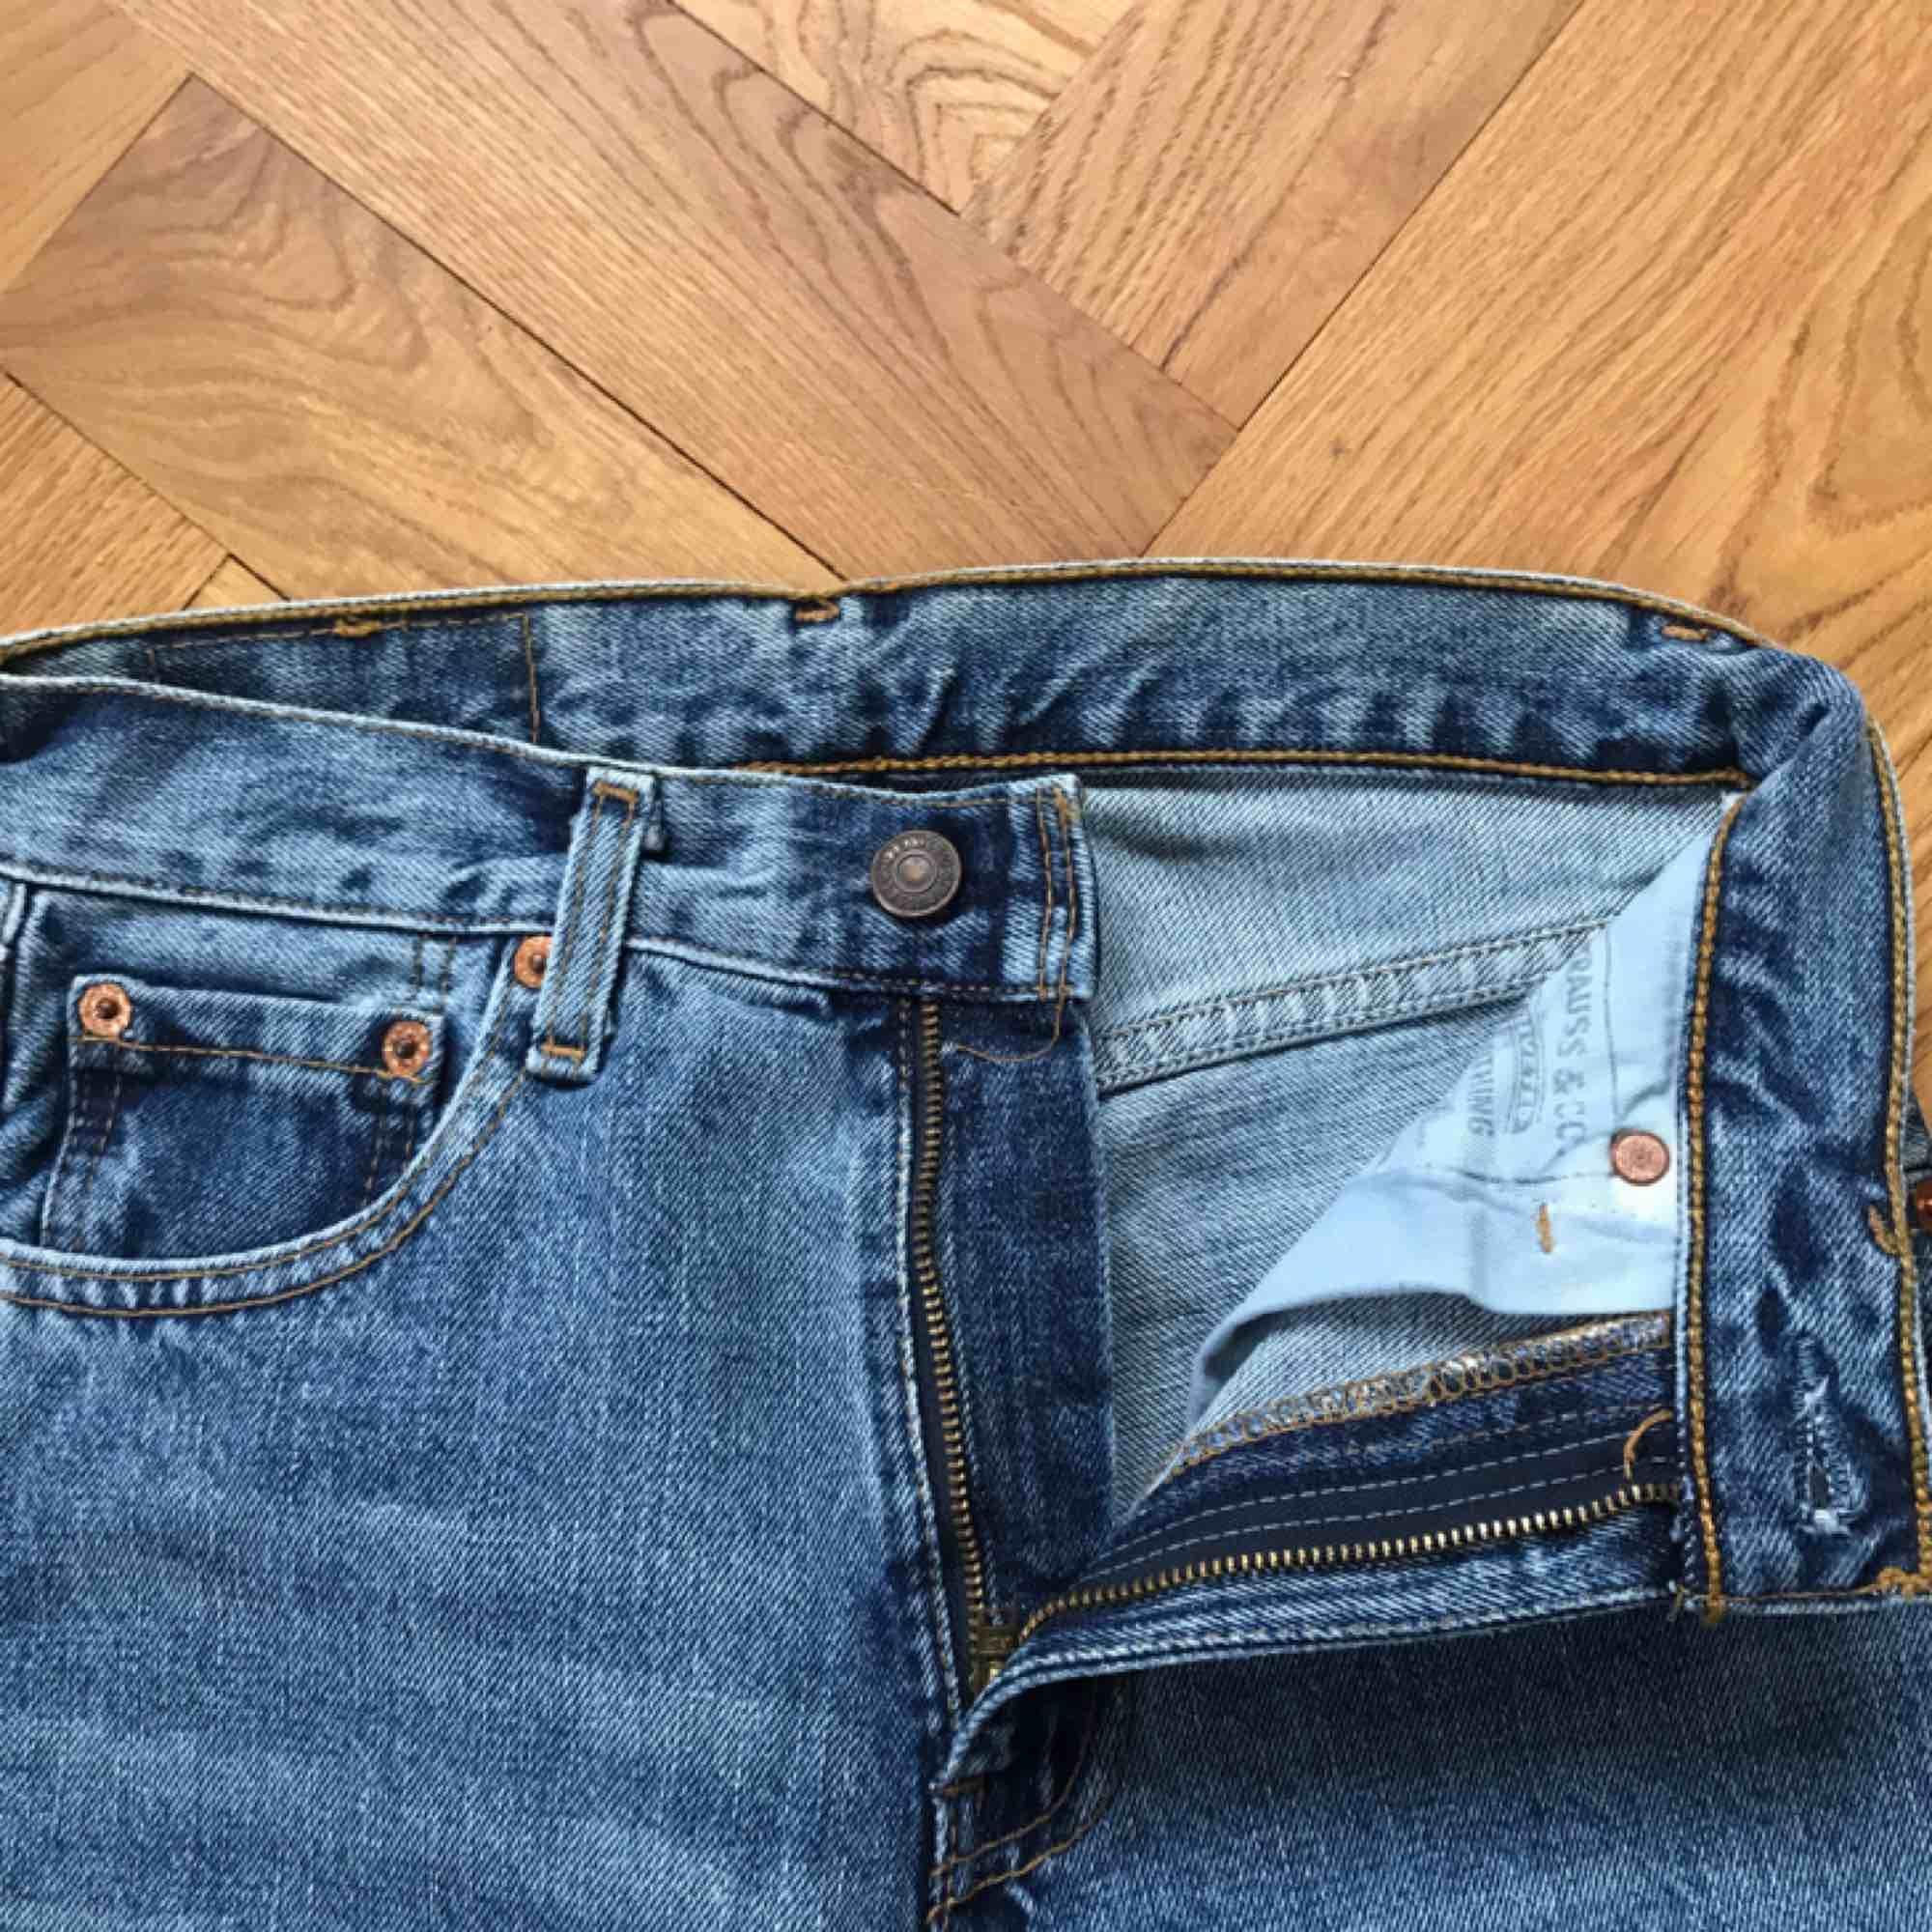 Vintage Levis jeans i modellen 505! Klassisk ljus tvätt. Står storlek 26 men vintage Levis är små i storleken, tipsar om att googla för att se om storleken funkar. För mig är de jätte små.🥰 köpare betalar frakt!. Jeans & Byxor.